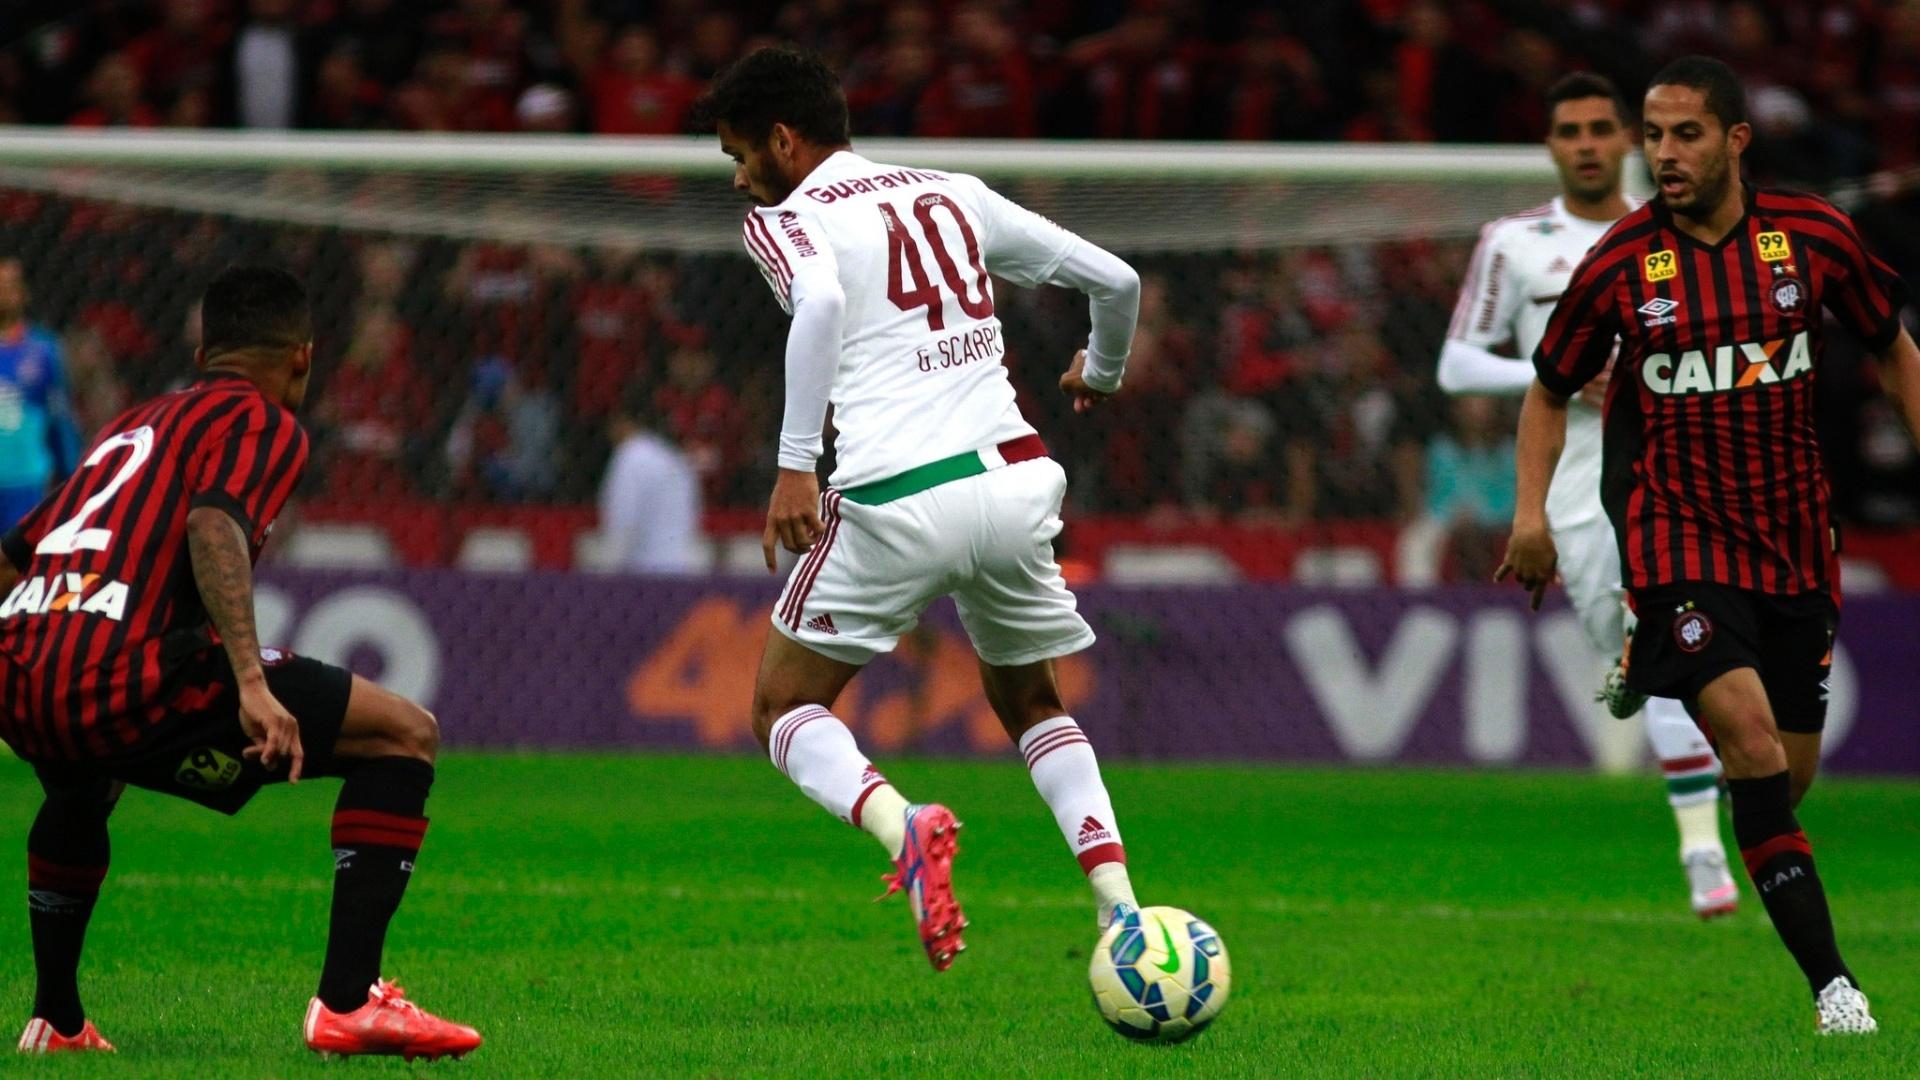 Gustavo Scarpa disputa a bola na partida do Fluminense contra o Atlético-PR, no Brasileirão